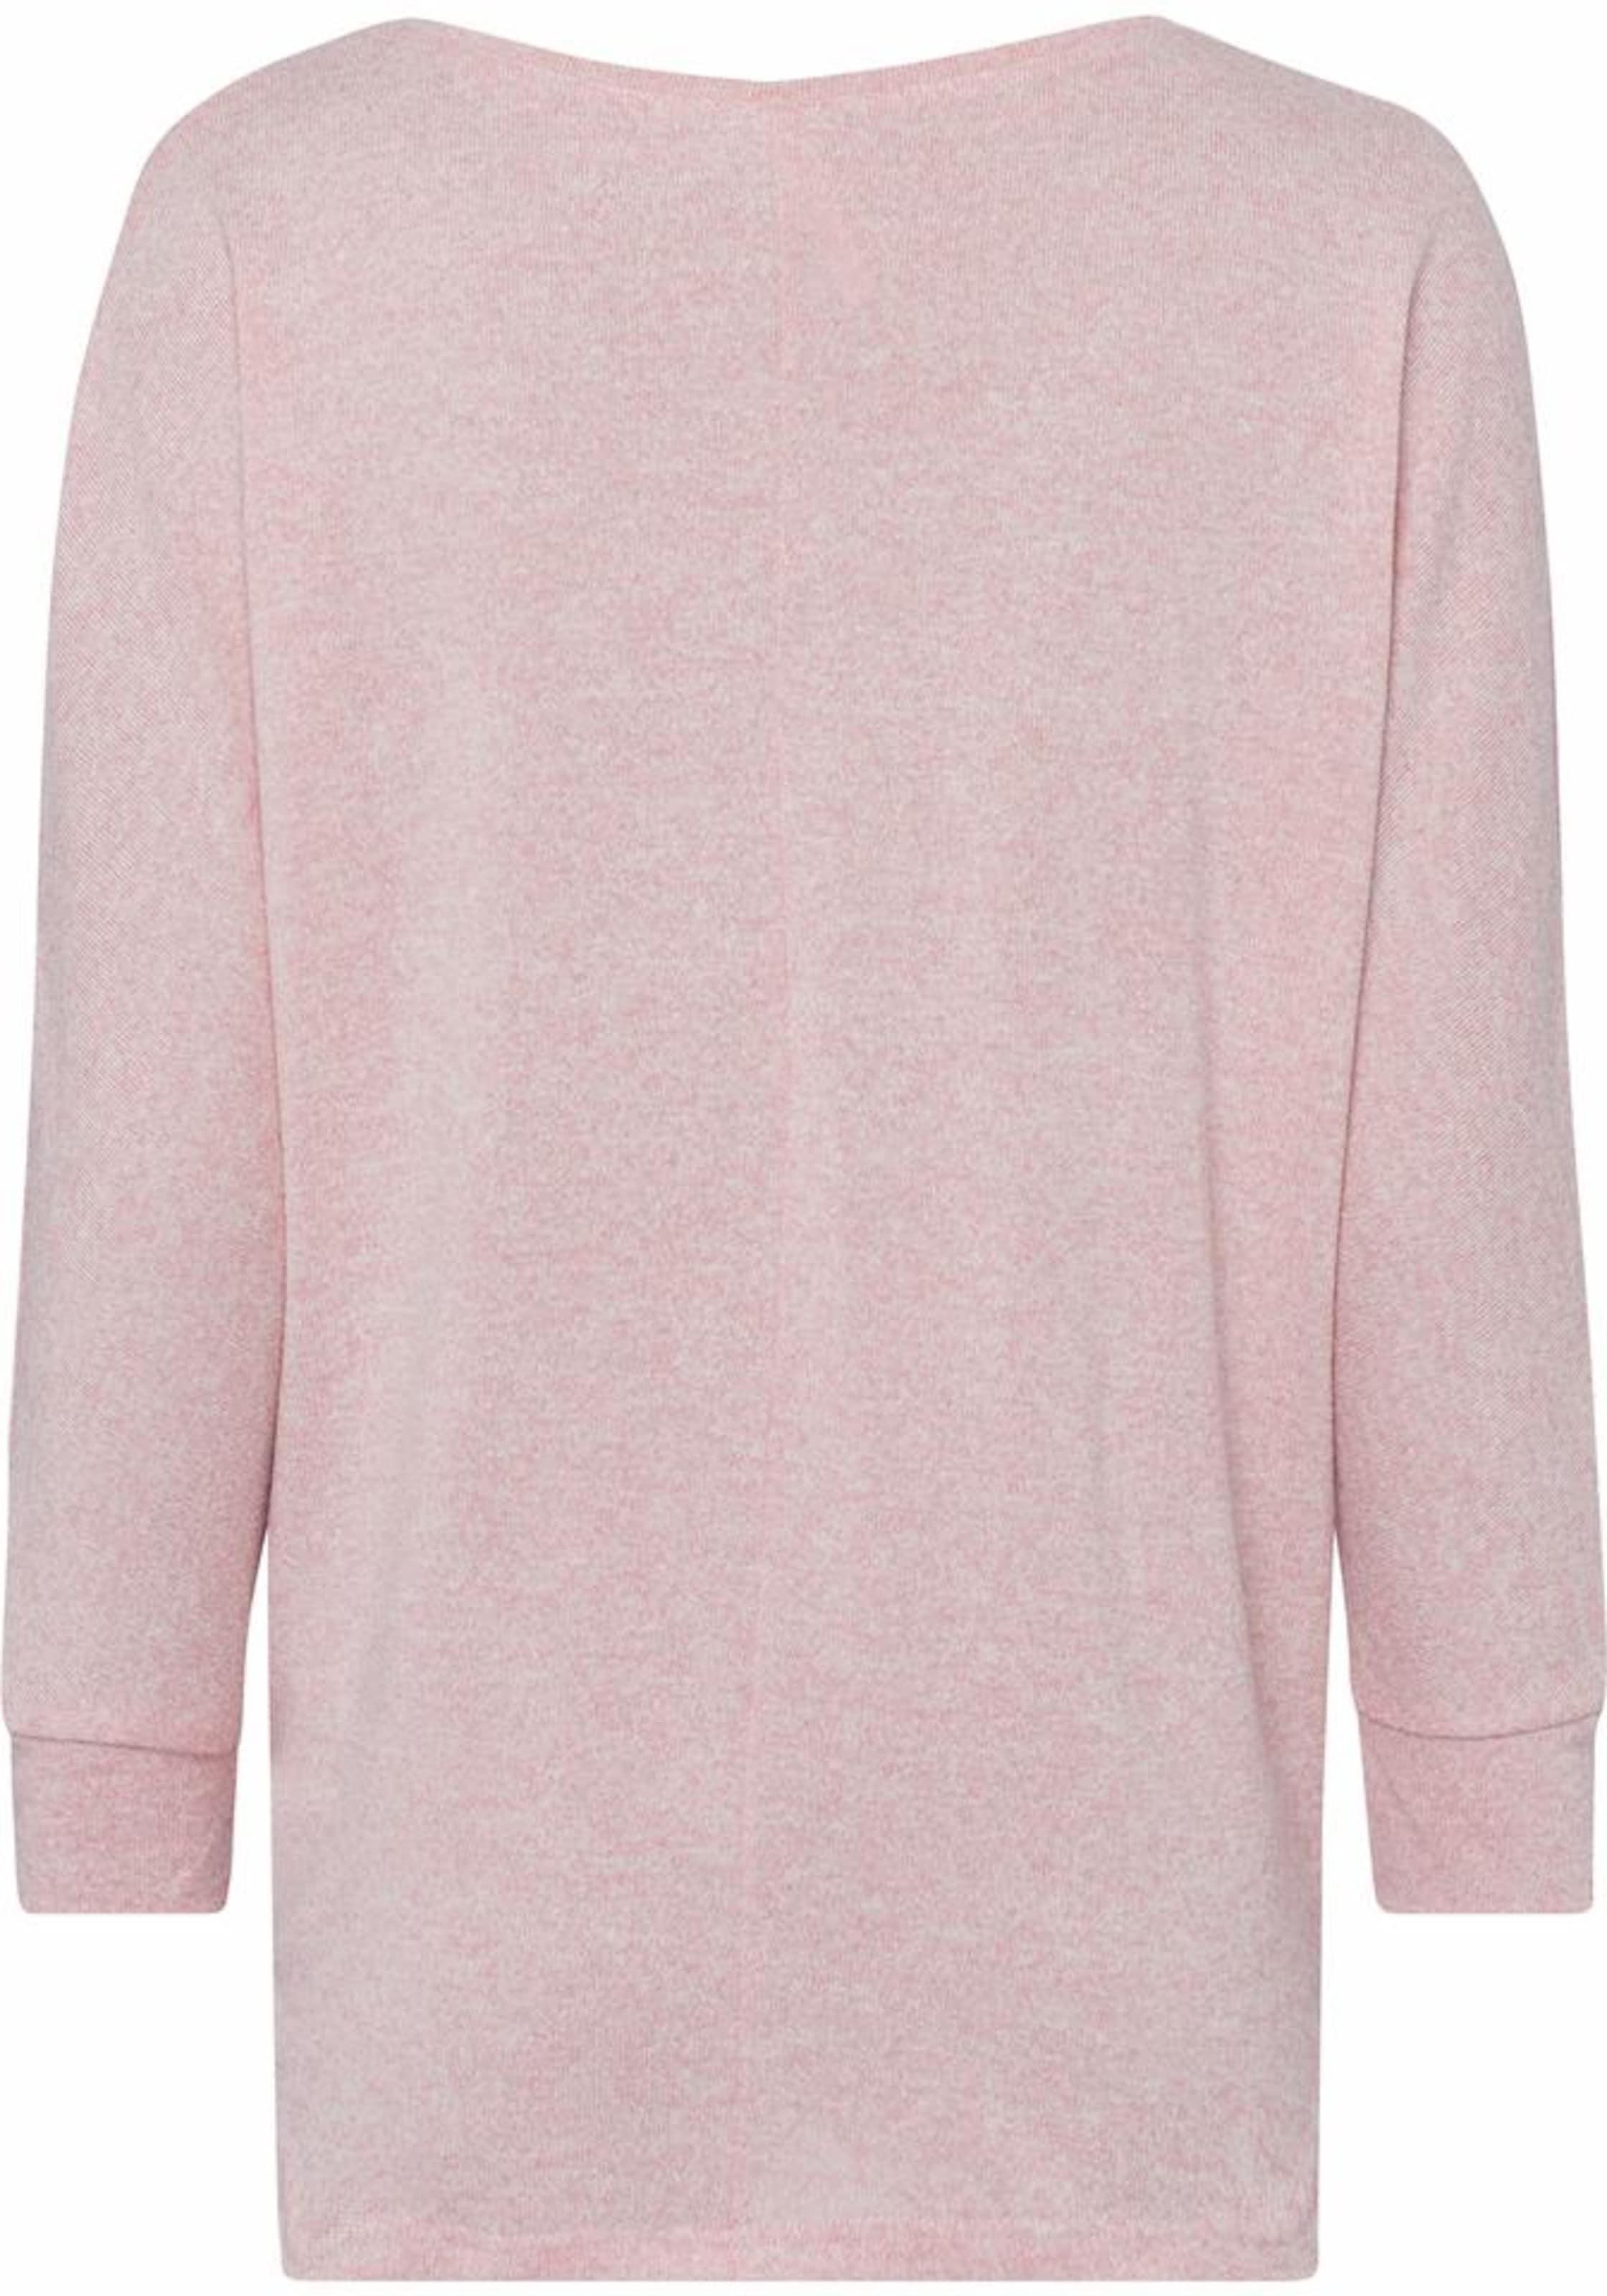 Günstiger Preis Gibt Verschiffen Frei Footlocker Finish Key Largo Sweater 'STUDY' Footlocker Abbildungen Günstig Online Auslass Erhalten Zu Kaufen eHP9SFb